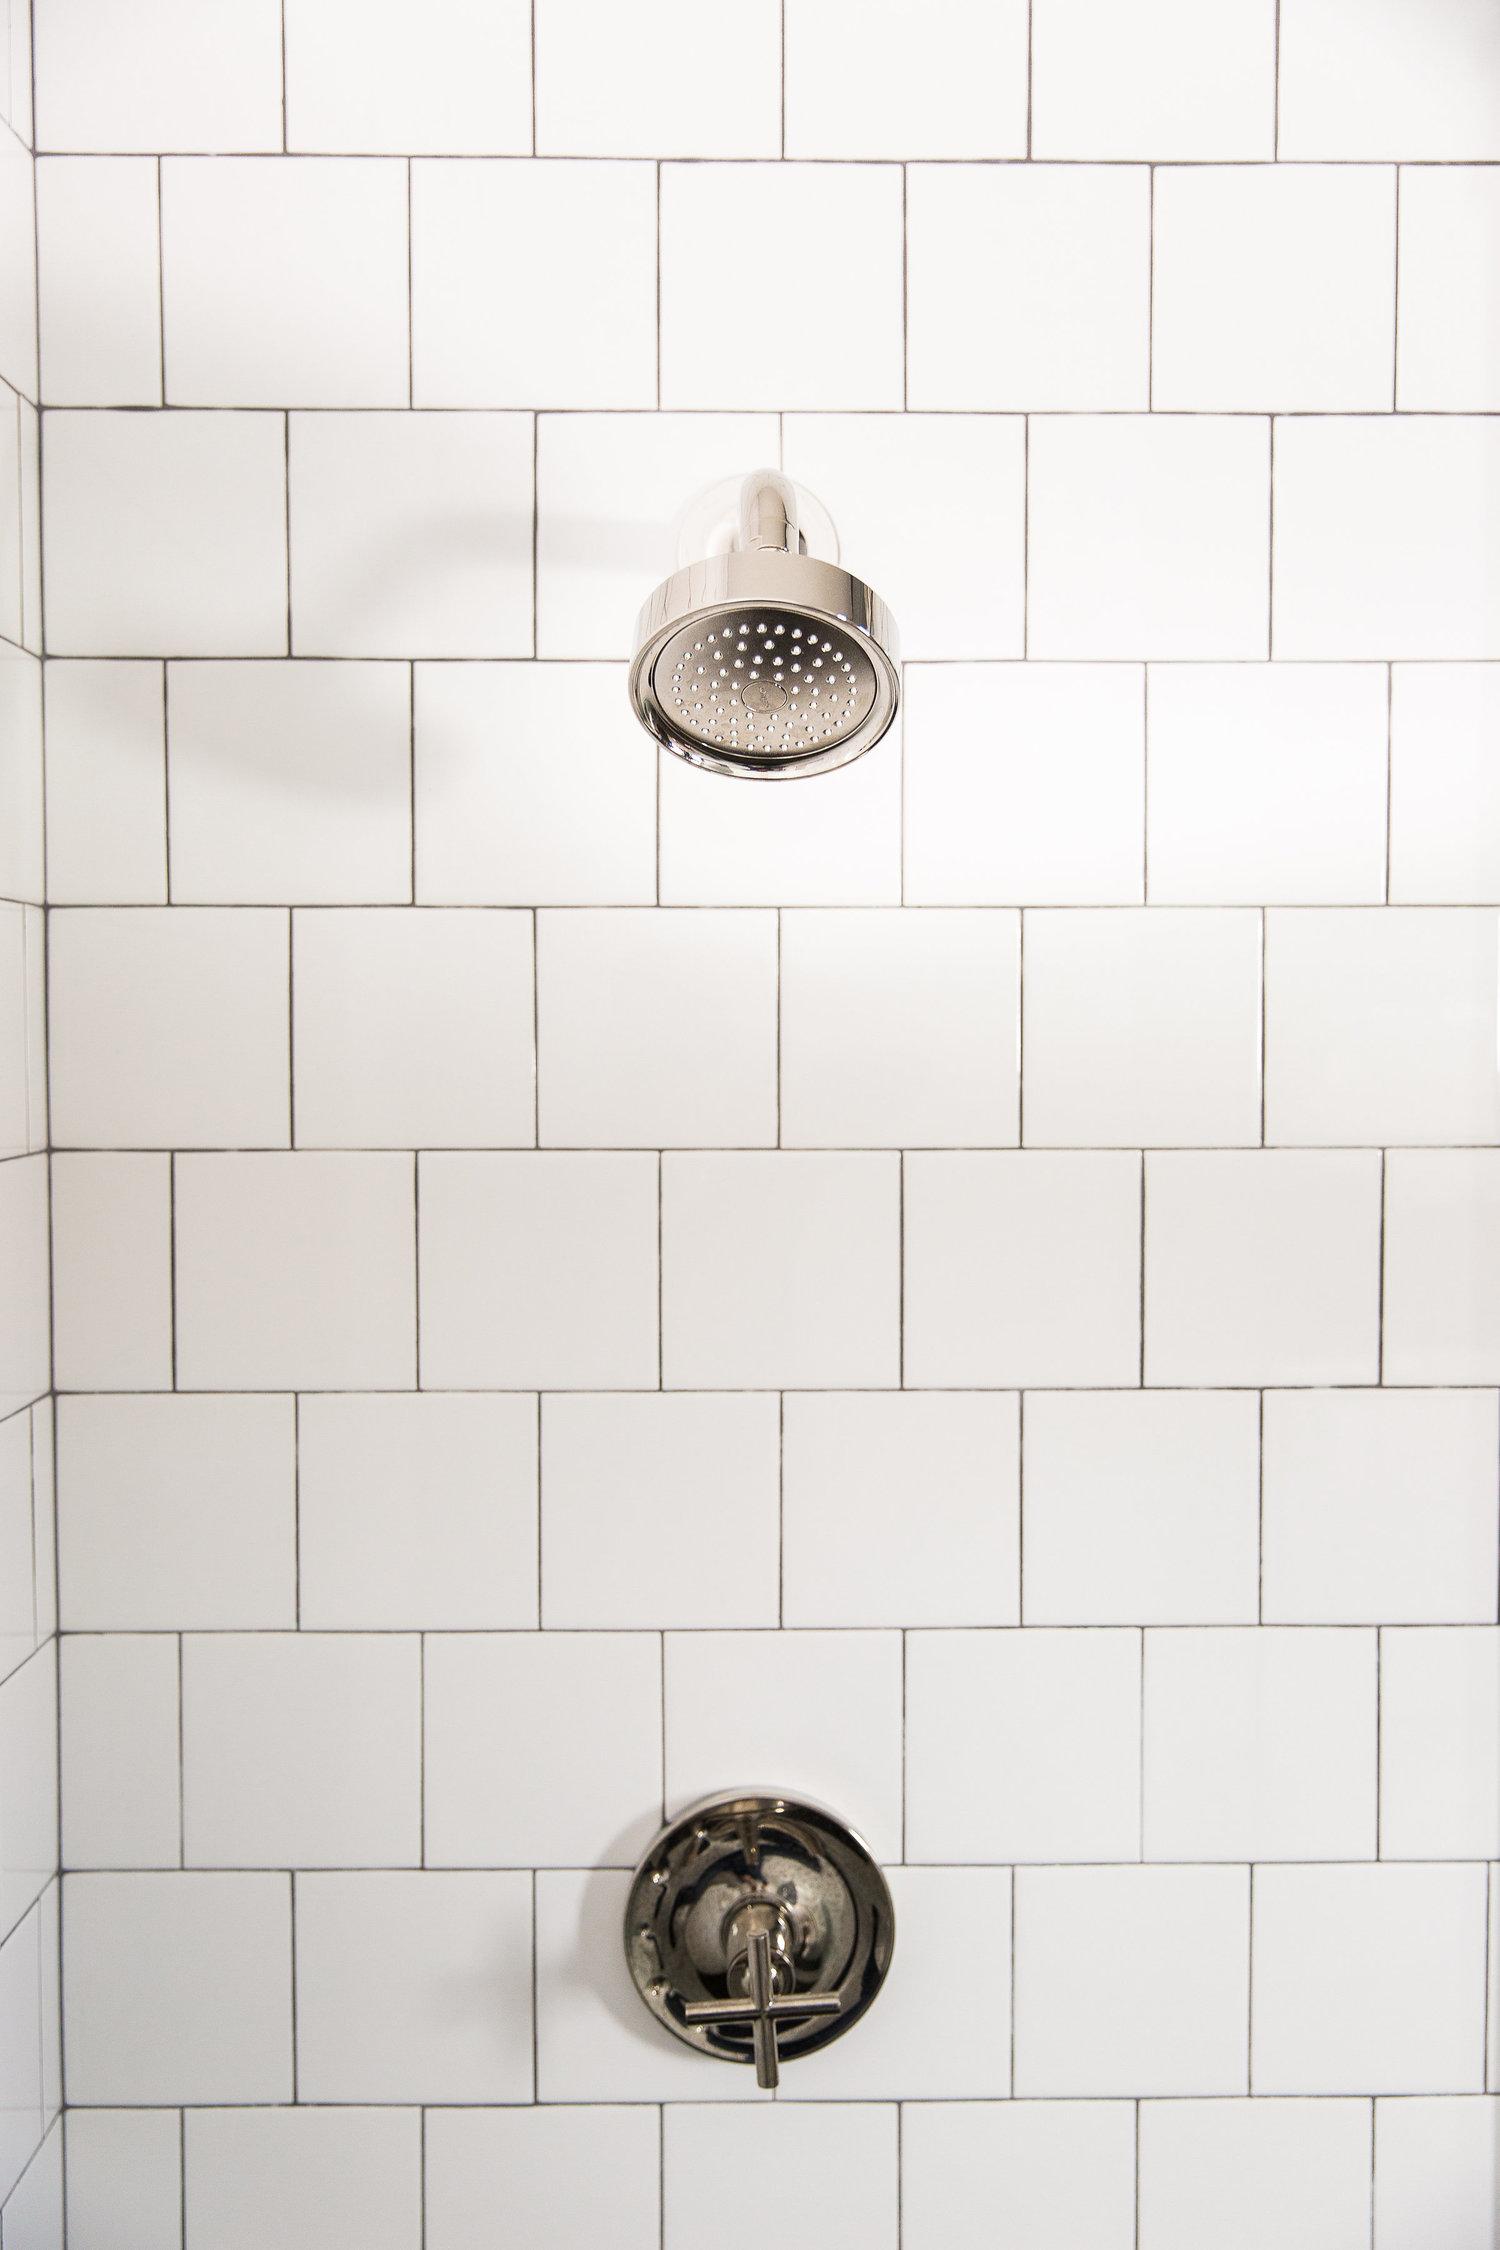 Backsplash tile details in bathroom shower